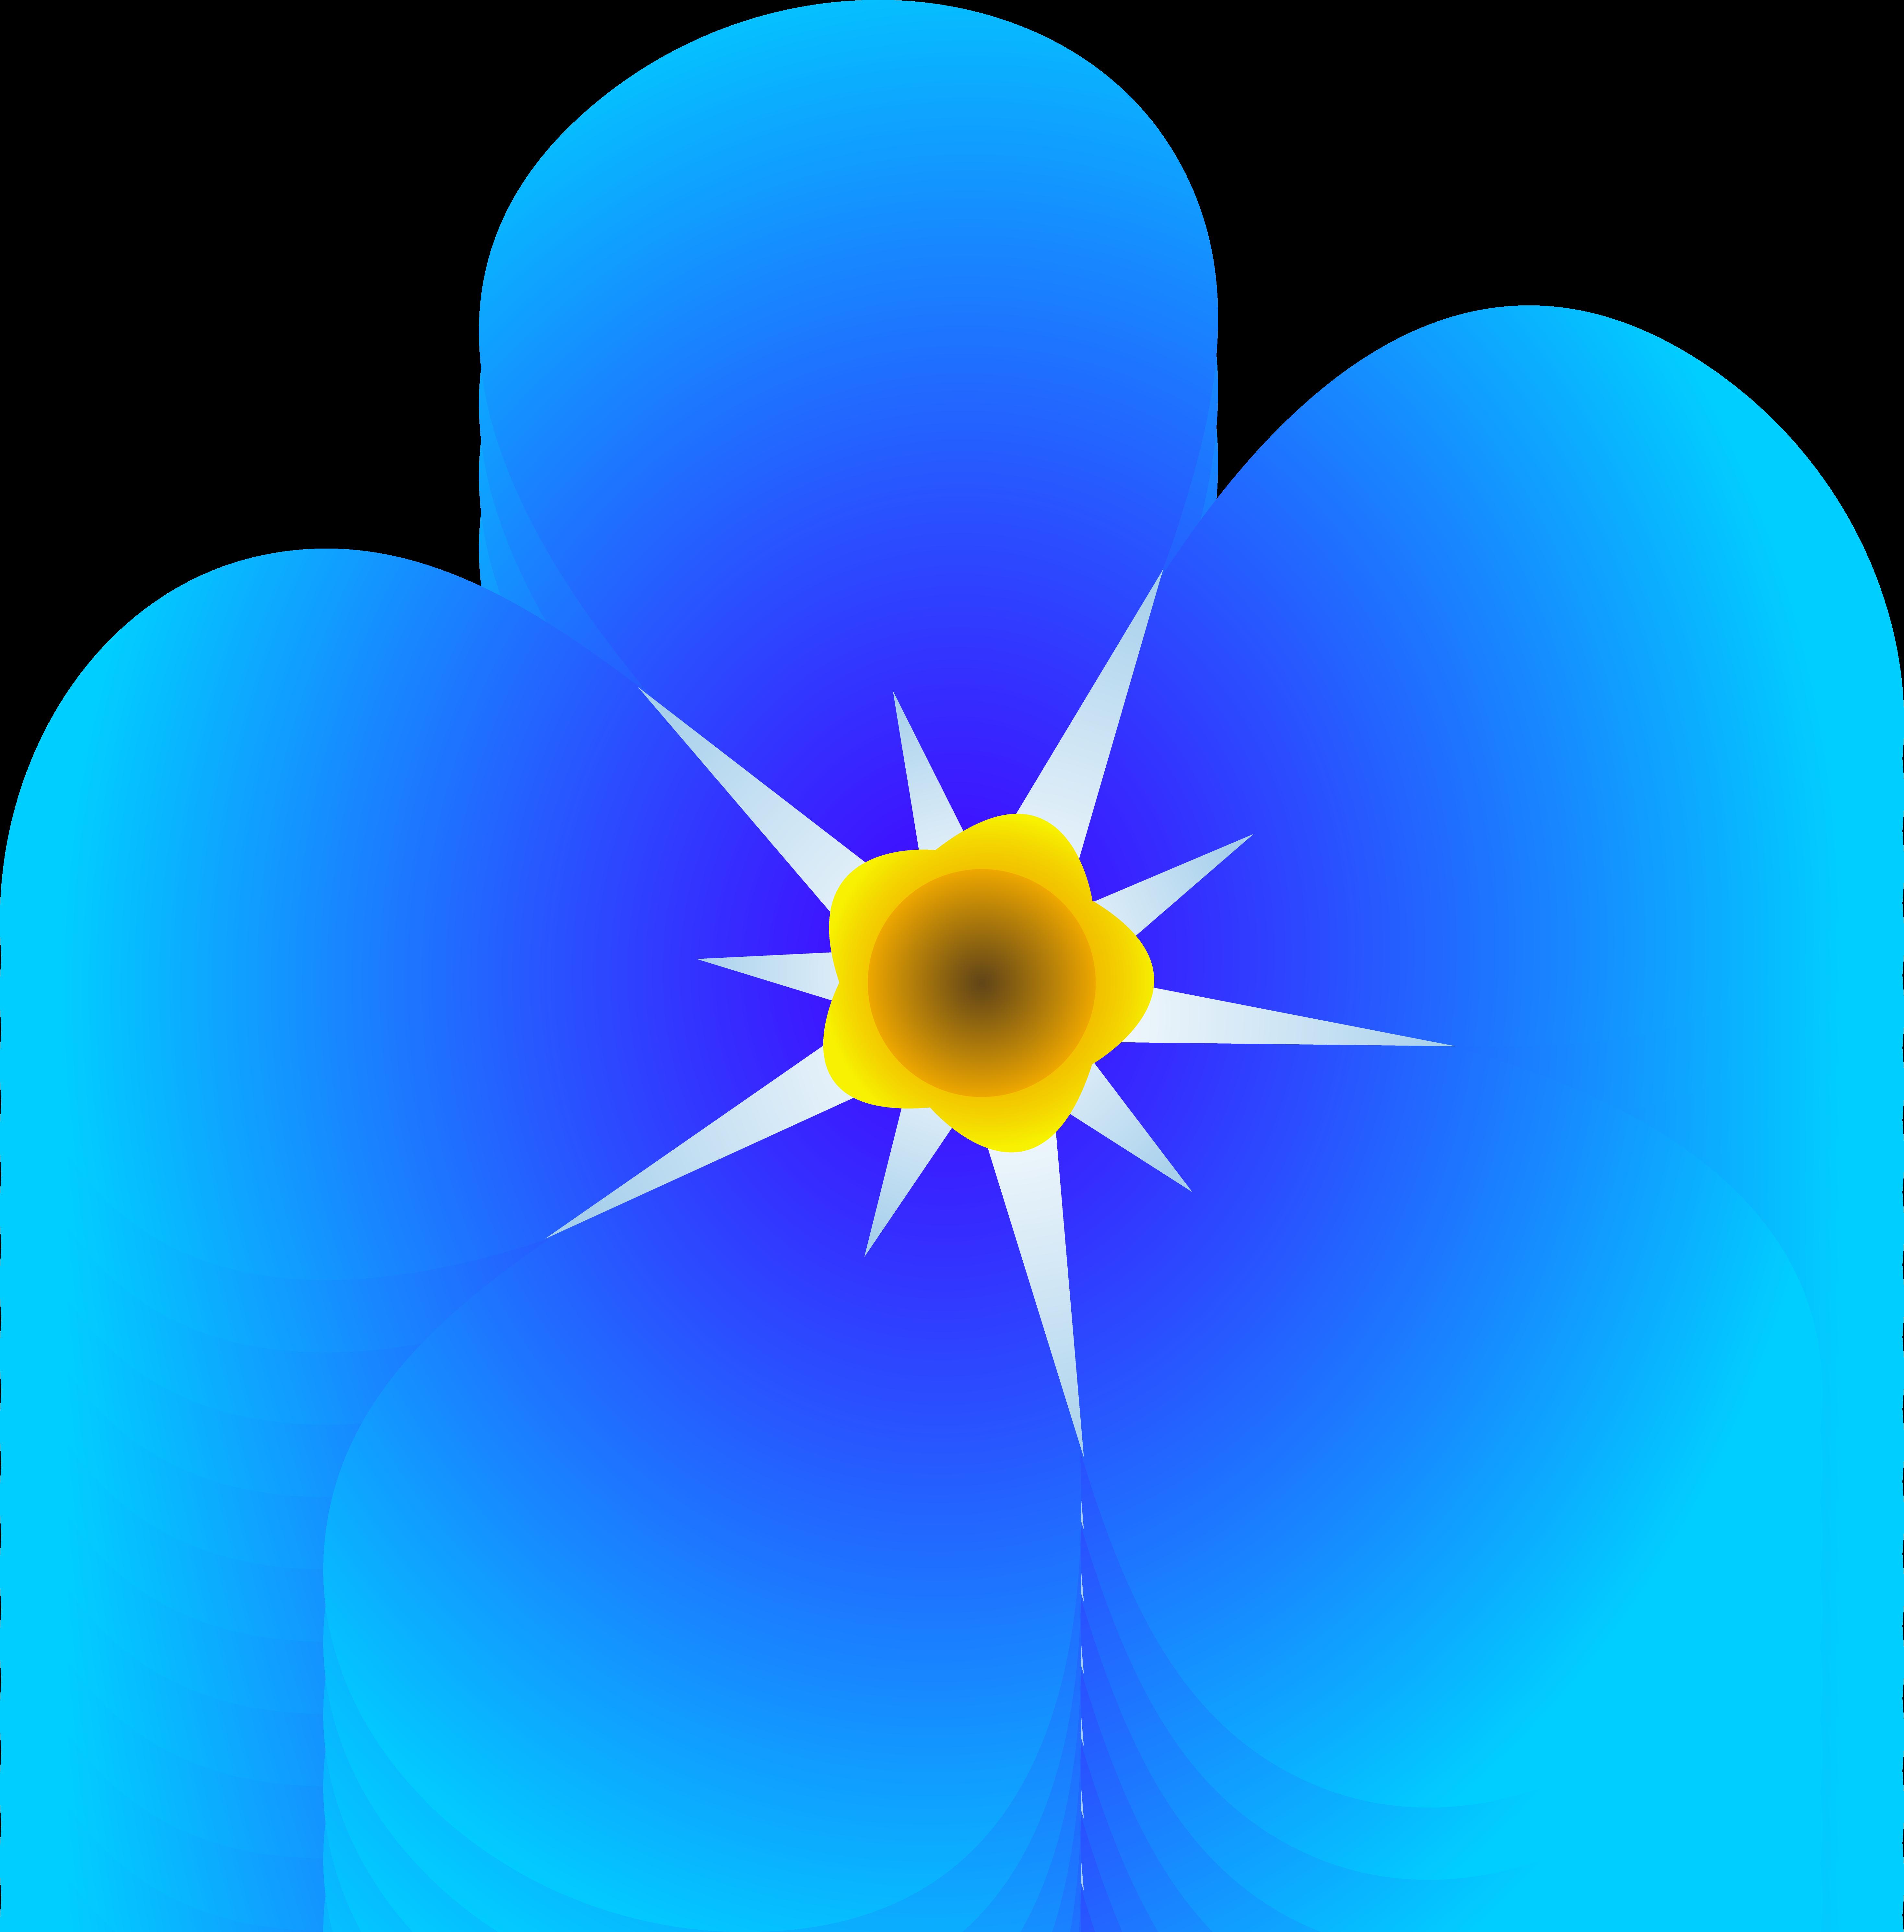 Blue Flower Clip Art-Blue Flower Clip Art-7